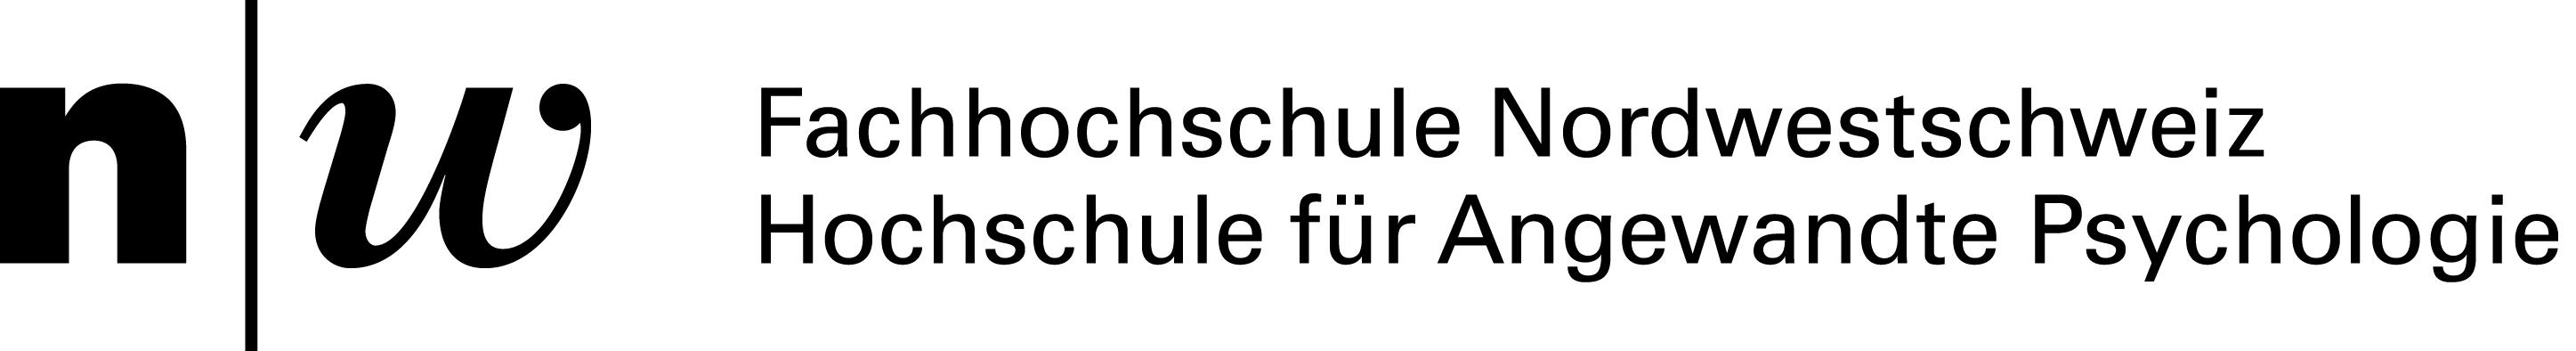 Fachschule Nordwestschweiz